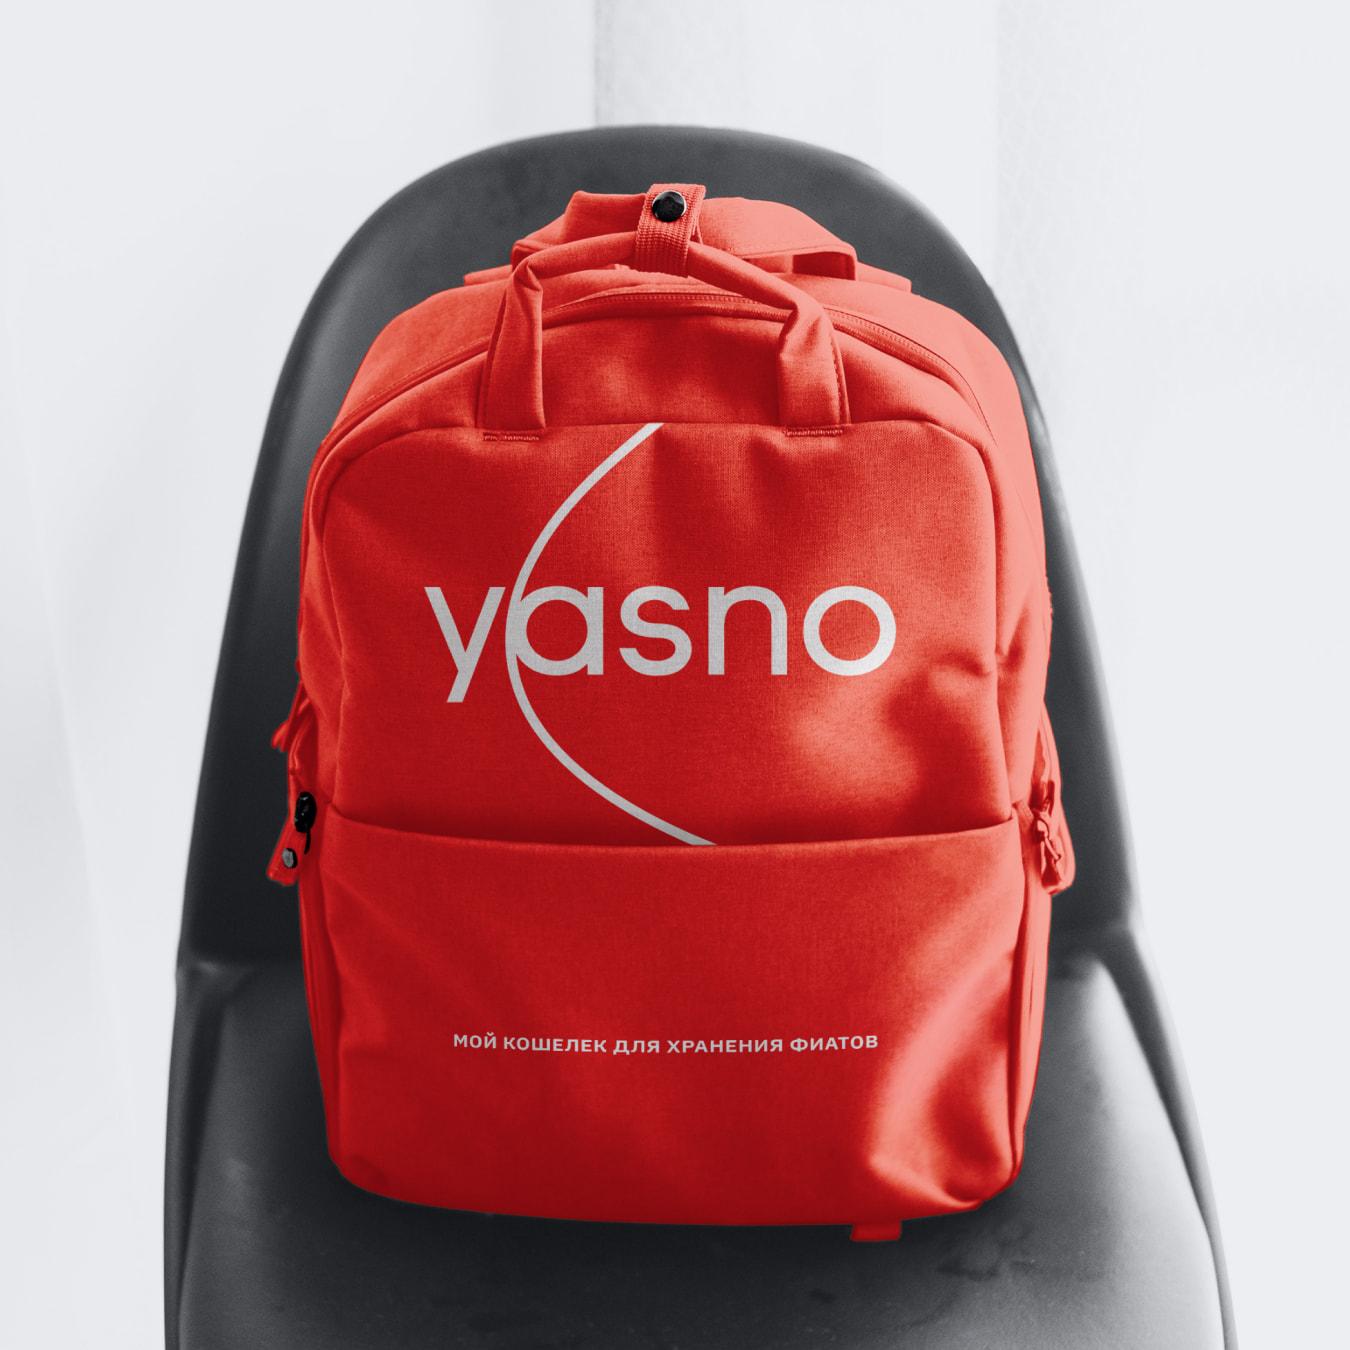 yasno_07-1